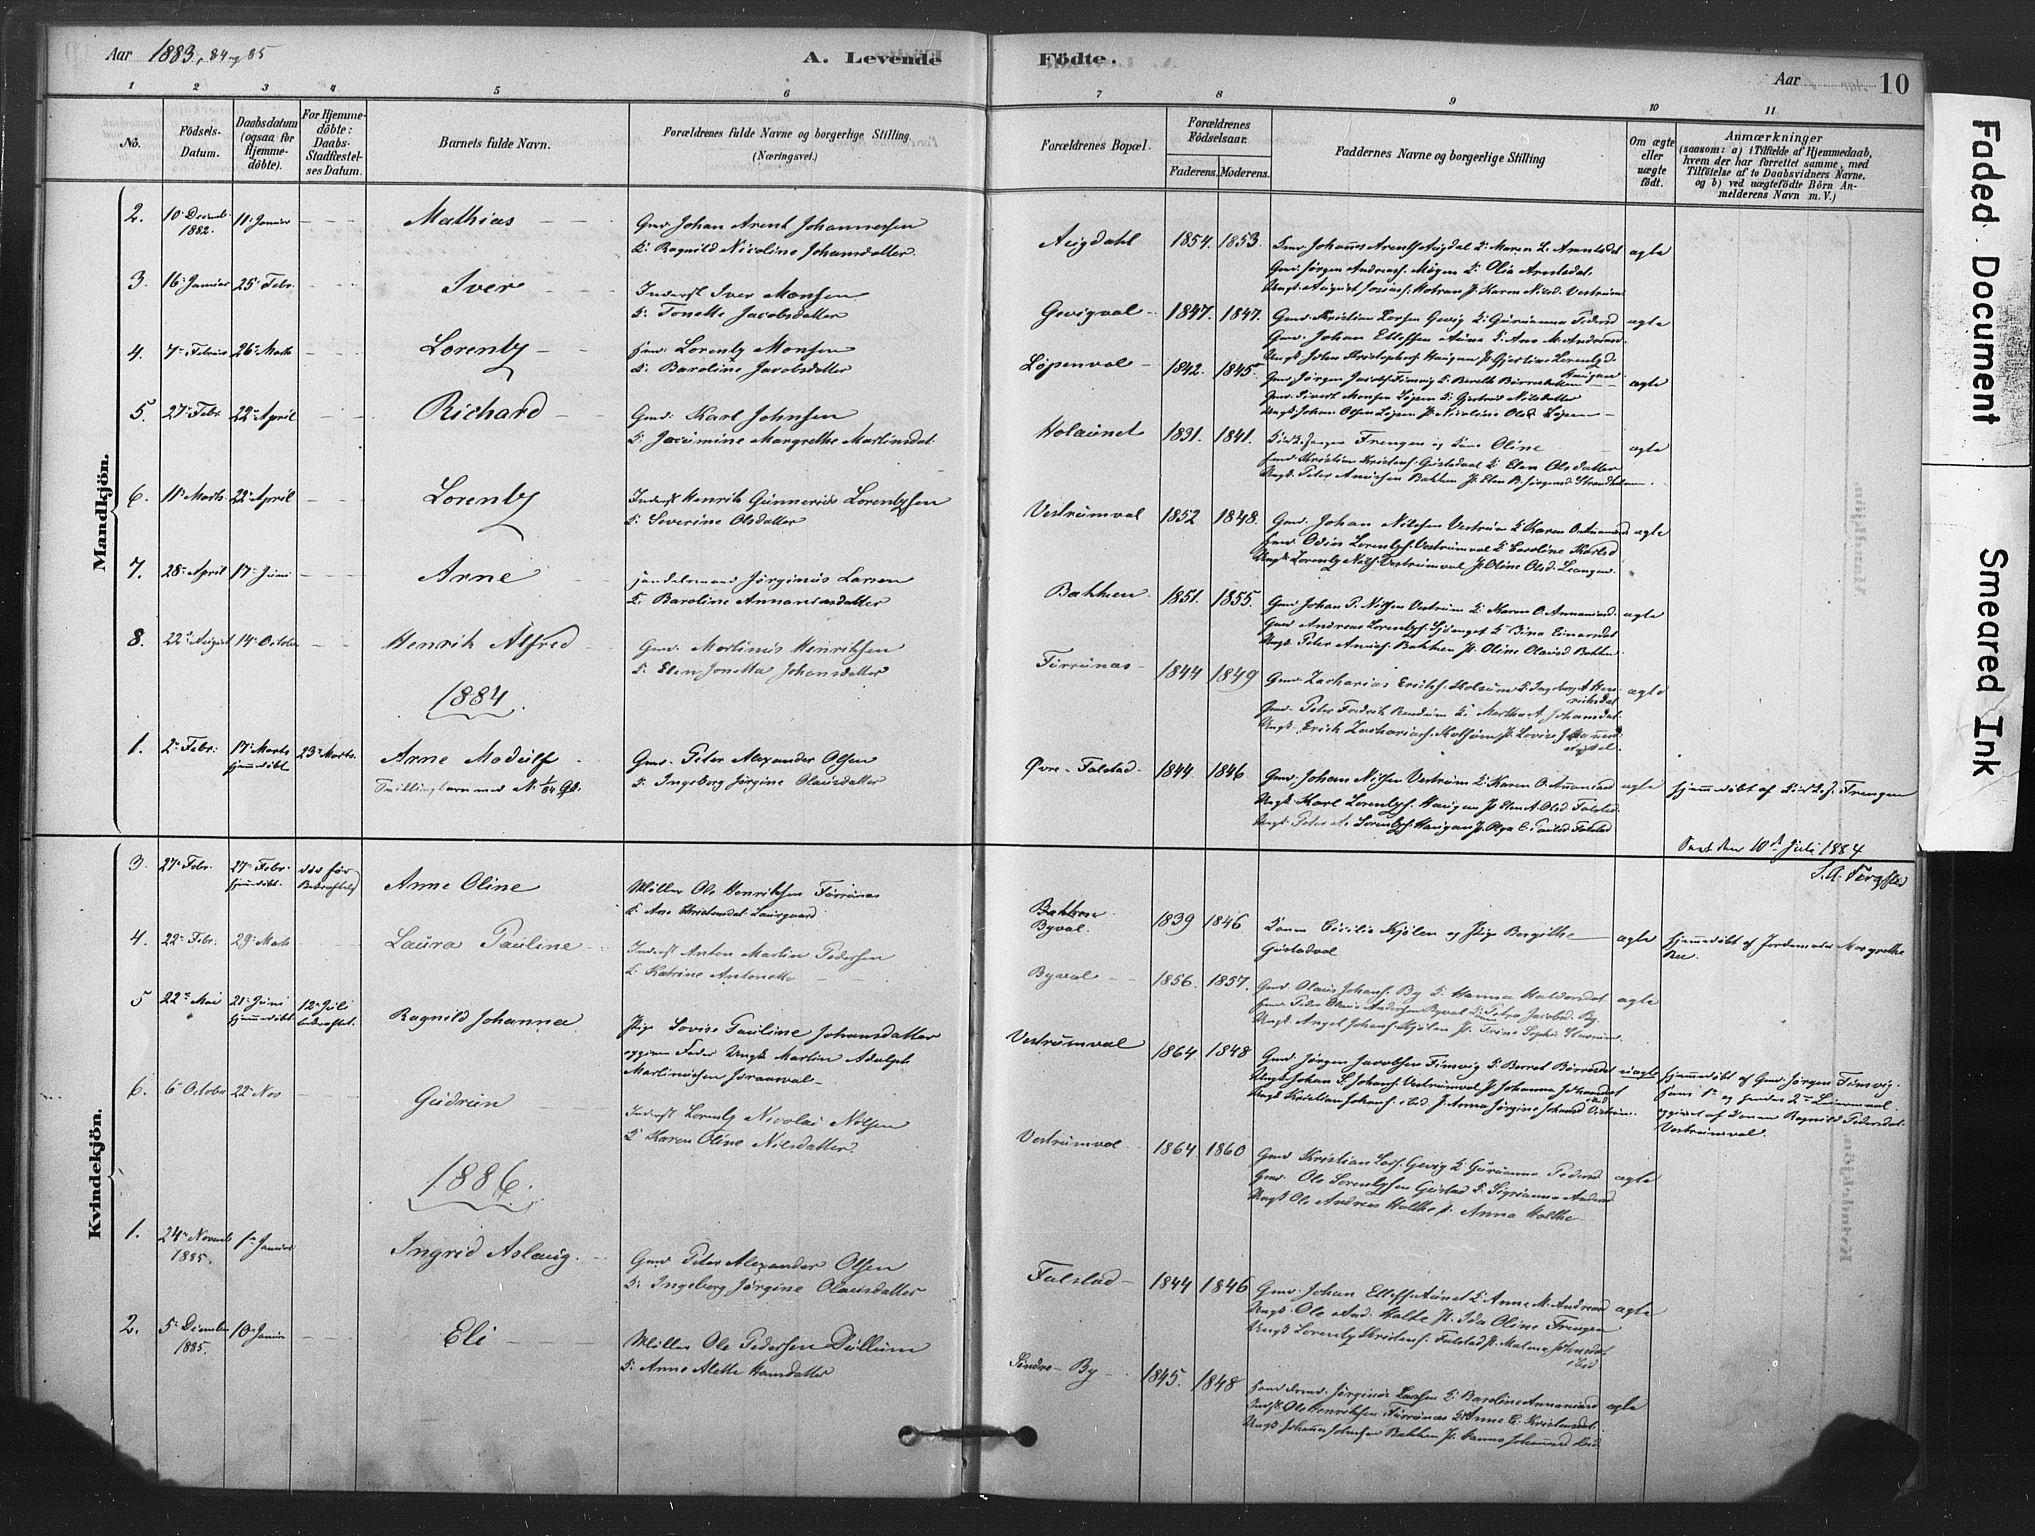 SAT, Ministerialprotokoller, klokkerbøker og fødselsregistre - Nord-Trøndelag, 719/L0178: Ministerialbok nr. 719A01, 1878-1900, s. 10